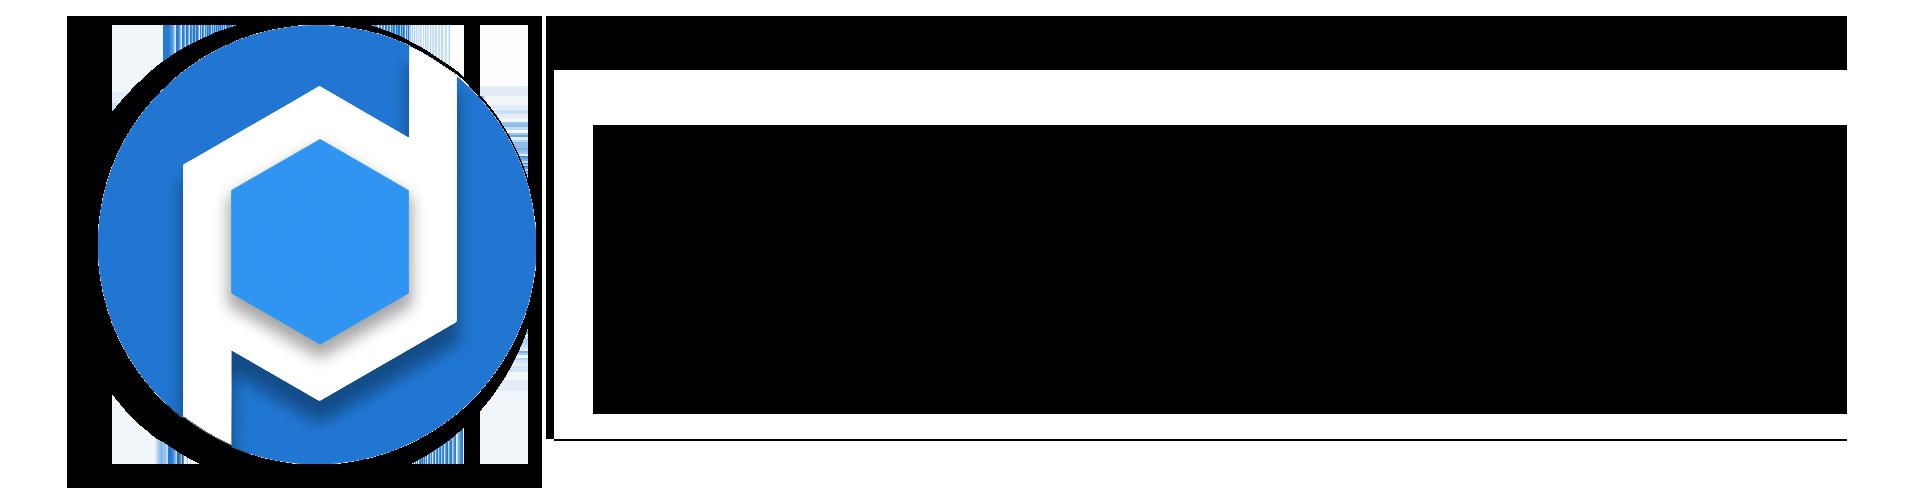 Phacsin